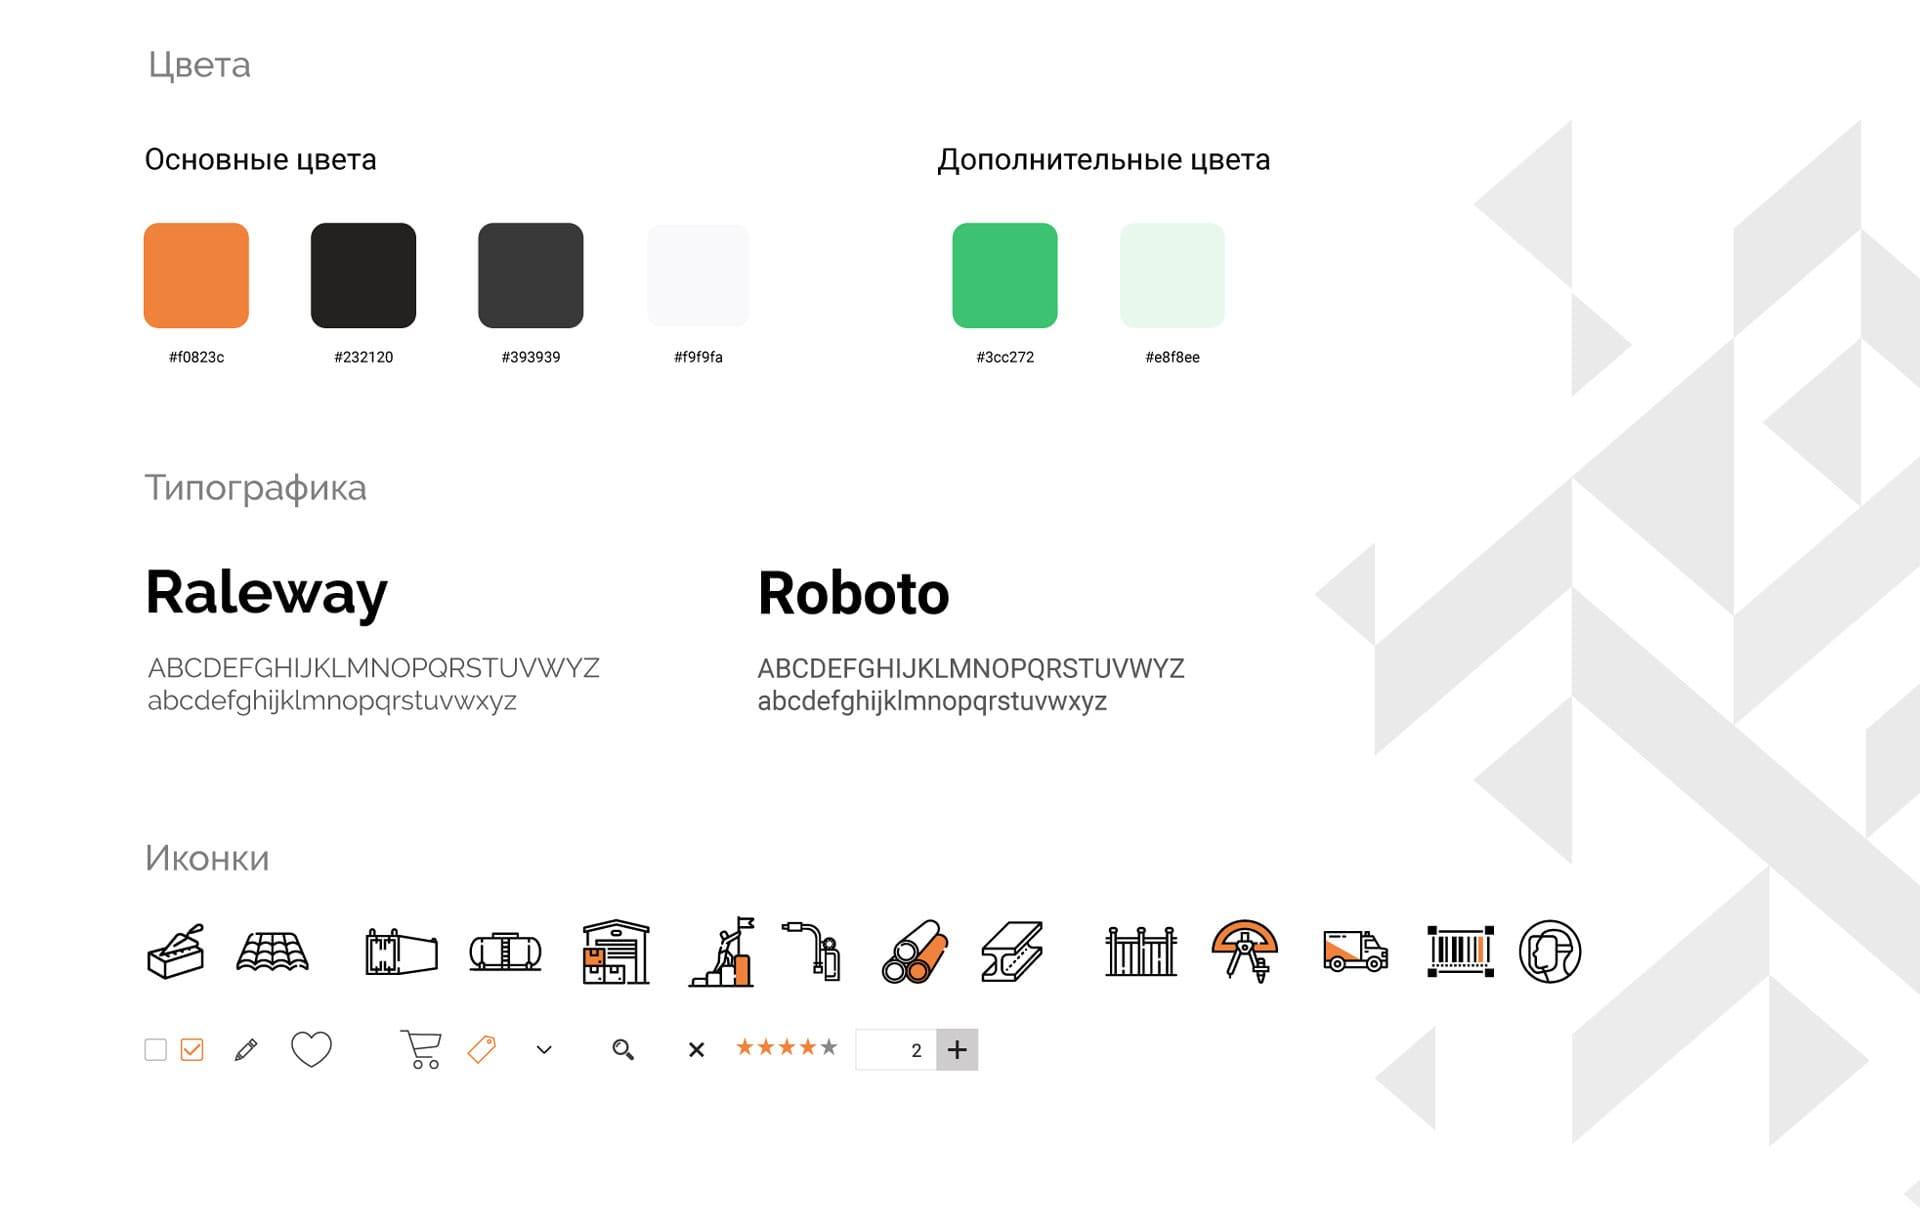 Редизайн интернет-магазина. Типографика, цветовая гамма сайта, иконографика